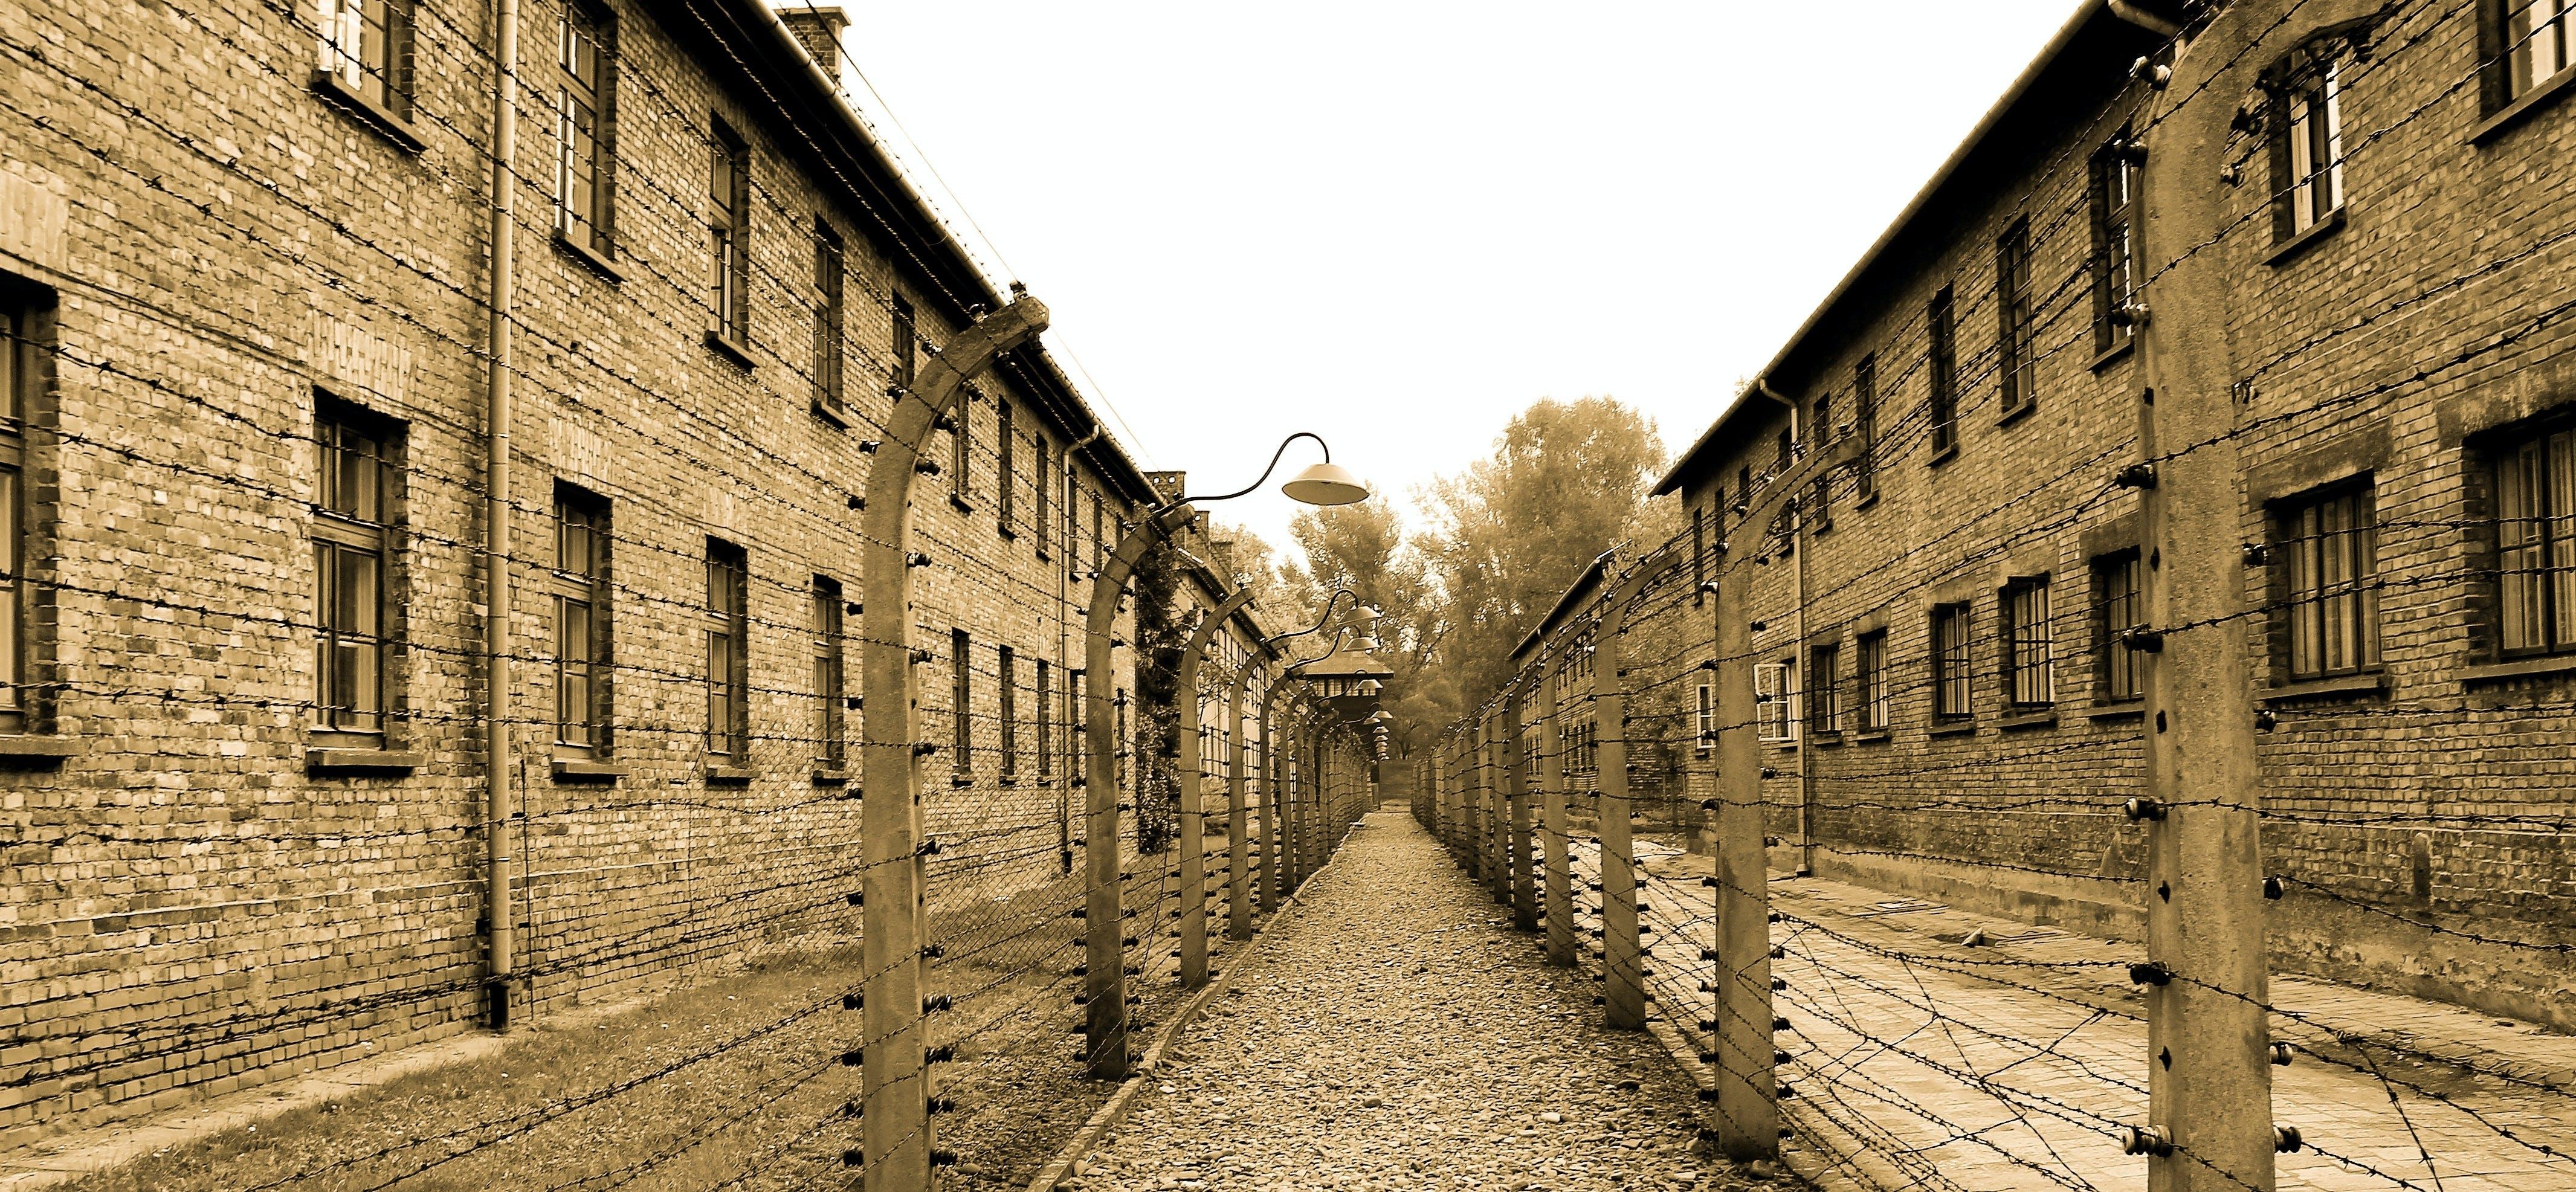 Ver la ciudad,Ver la ciudad,Salir de la ciudad,Tickets, museos, atracciones,Tours históricos y culturales,Excursiones de un día,Entradas a atracciones principales,Excursión a Cracovia,Excursión a Auschwitz